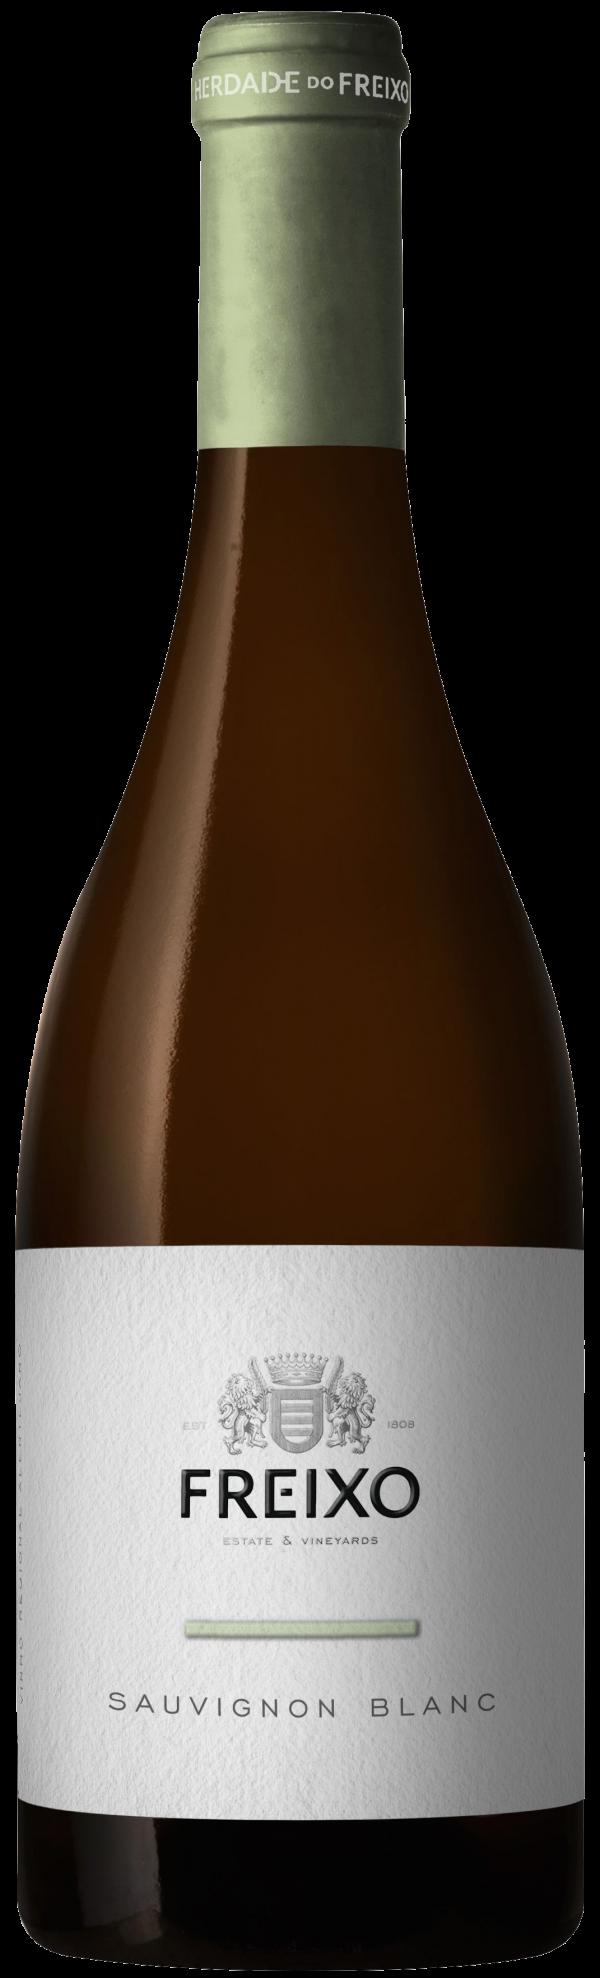 Herdade do Freixo Sauvignon Blanc Branco 2016